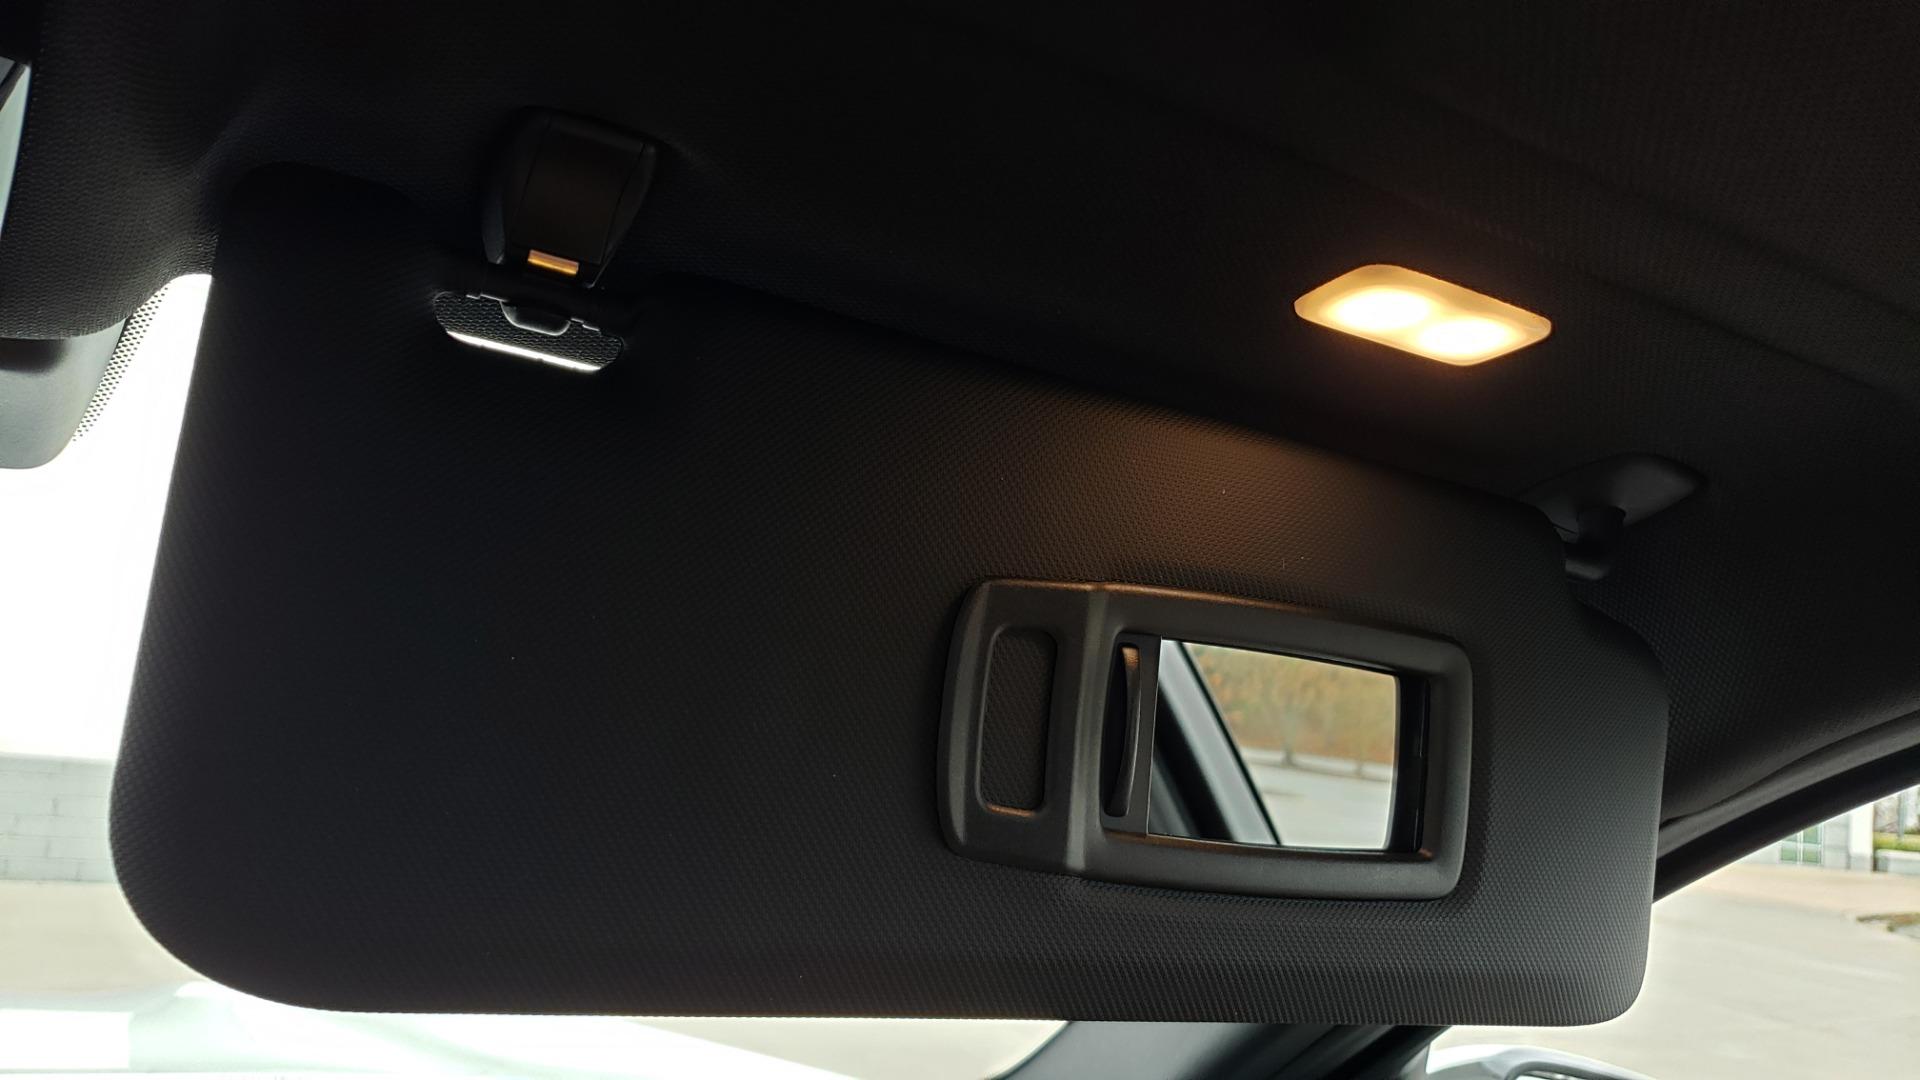 Used 2018 BMW X3 XDRIVE30I / LUX PKG / PREM PKG / CONV PKG / PDC / APPLE CARPLAY for sale Sold at Formula Imports in Charlotte NC 28227 56